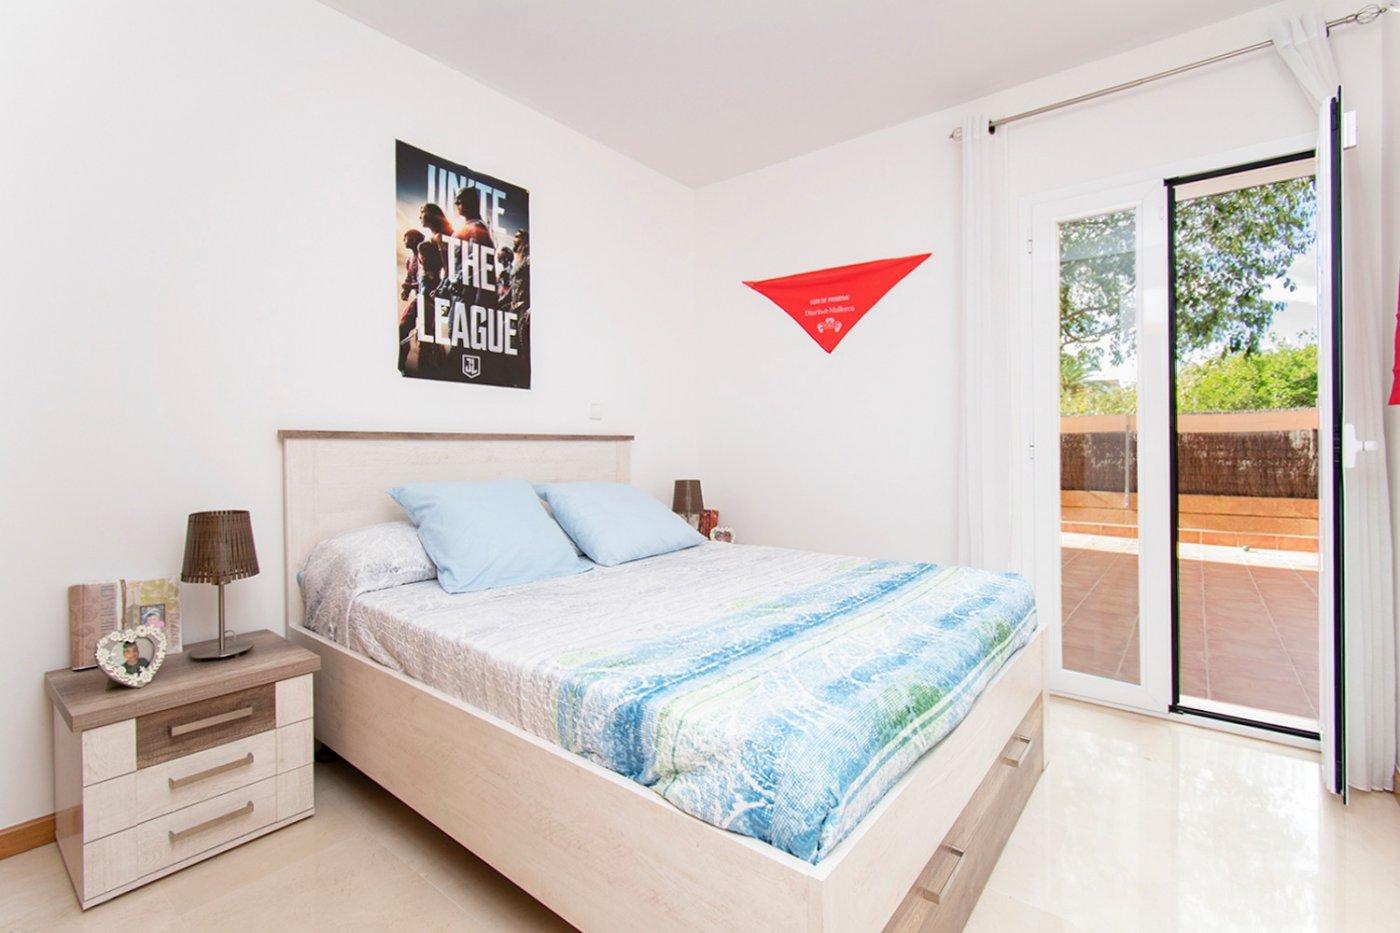 Planta baja de 2 habitaciones, terraza, parking, trastero y zonas comunitarias en son moix - imagenInmueble12